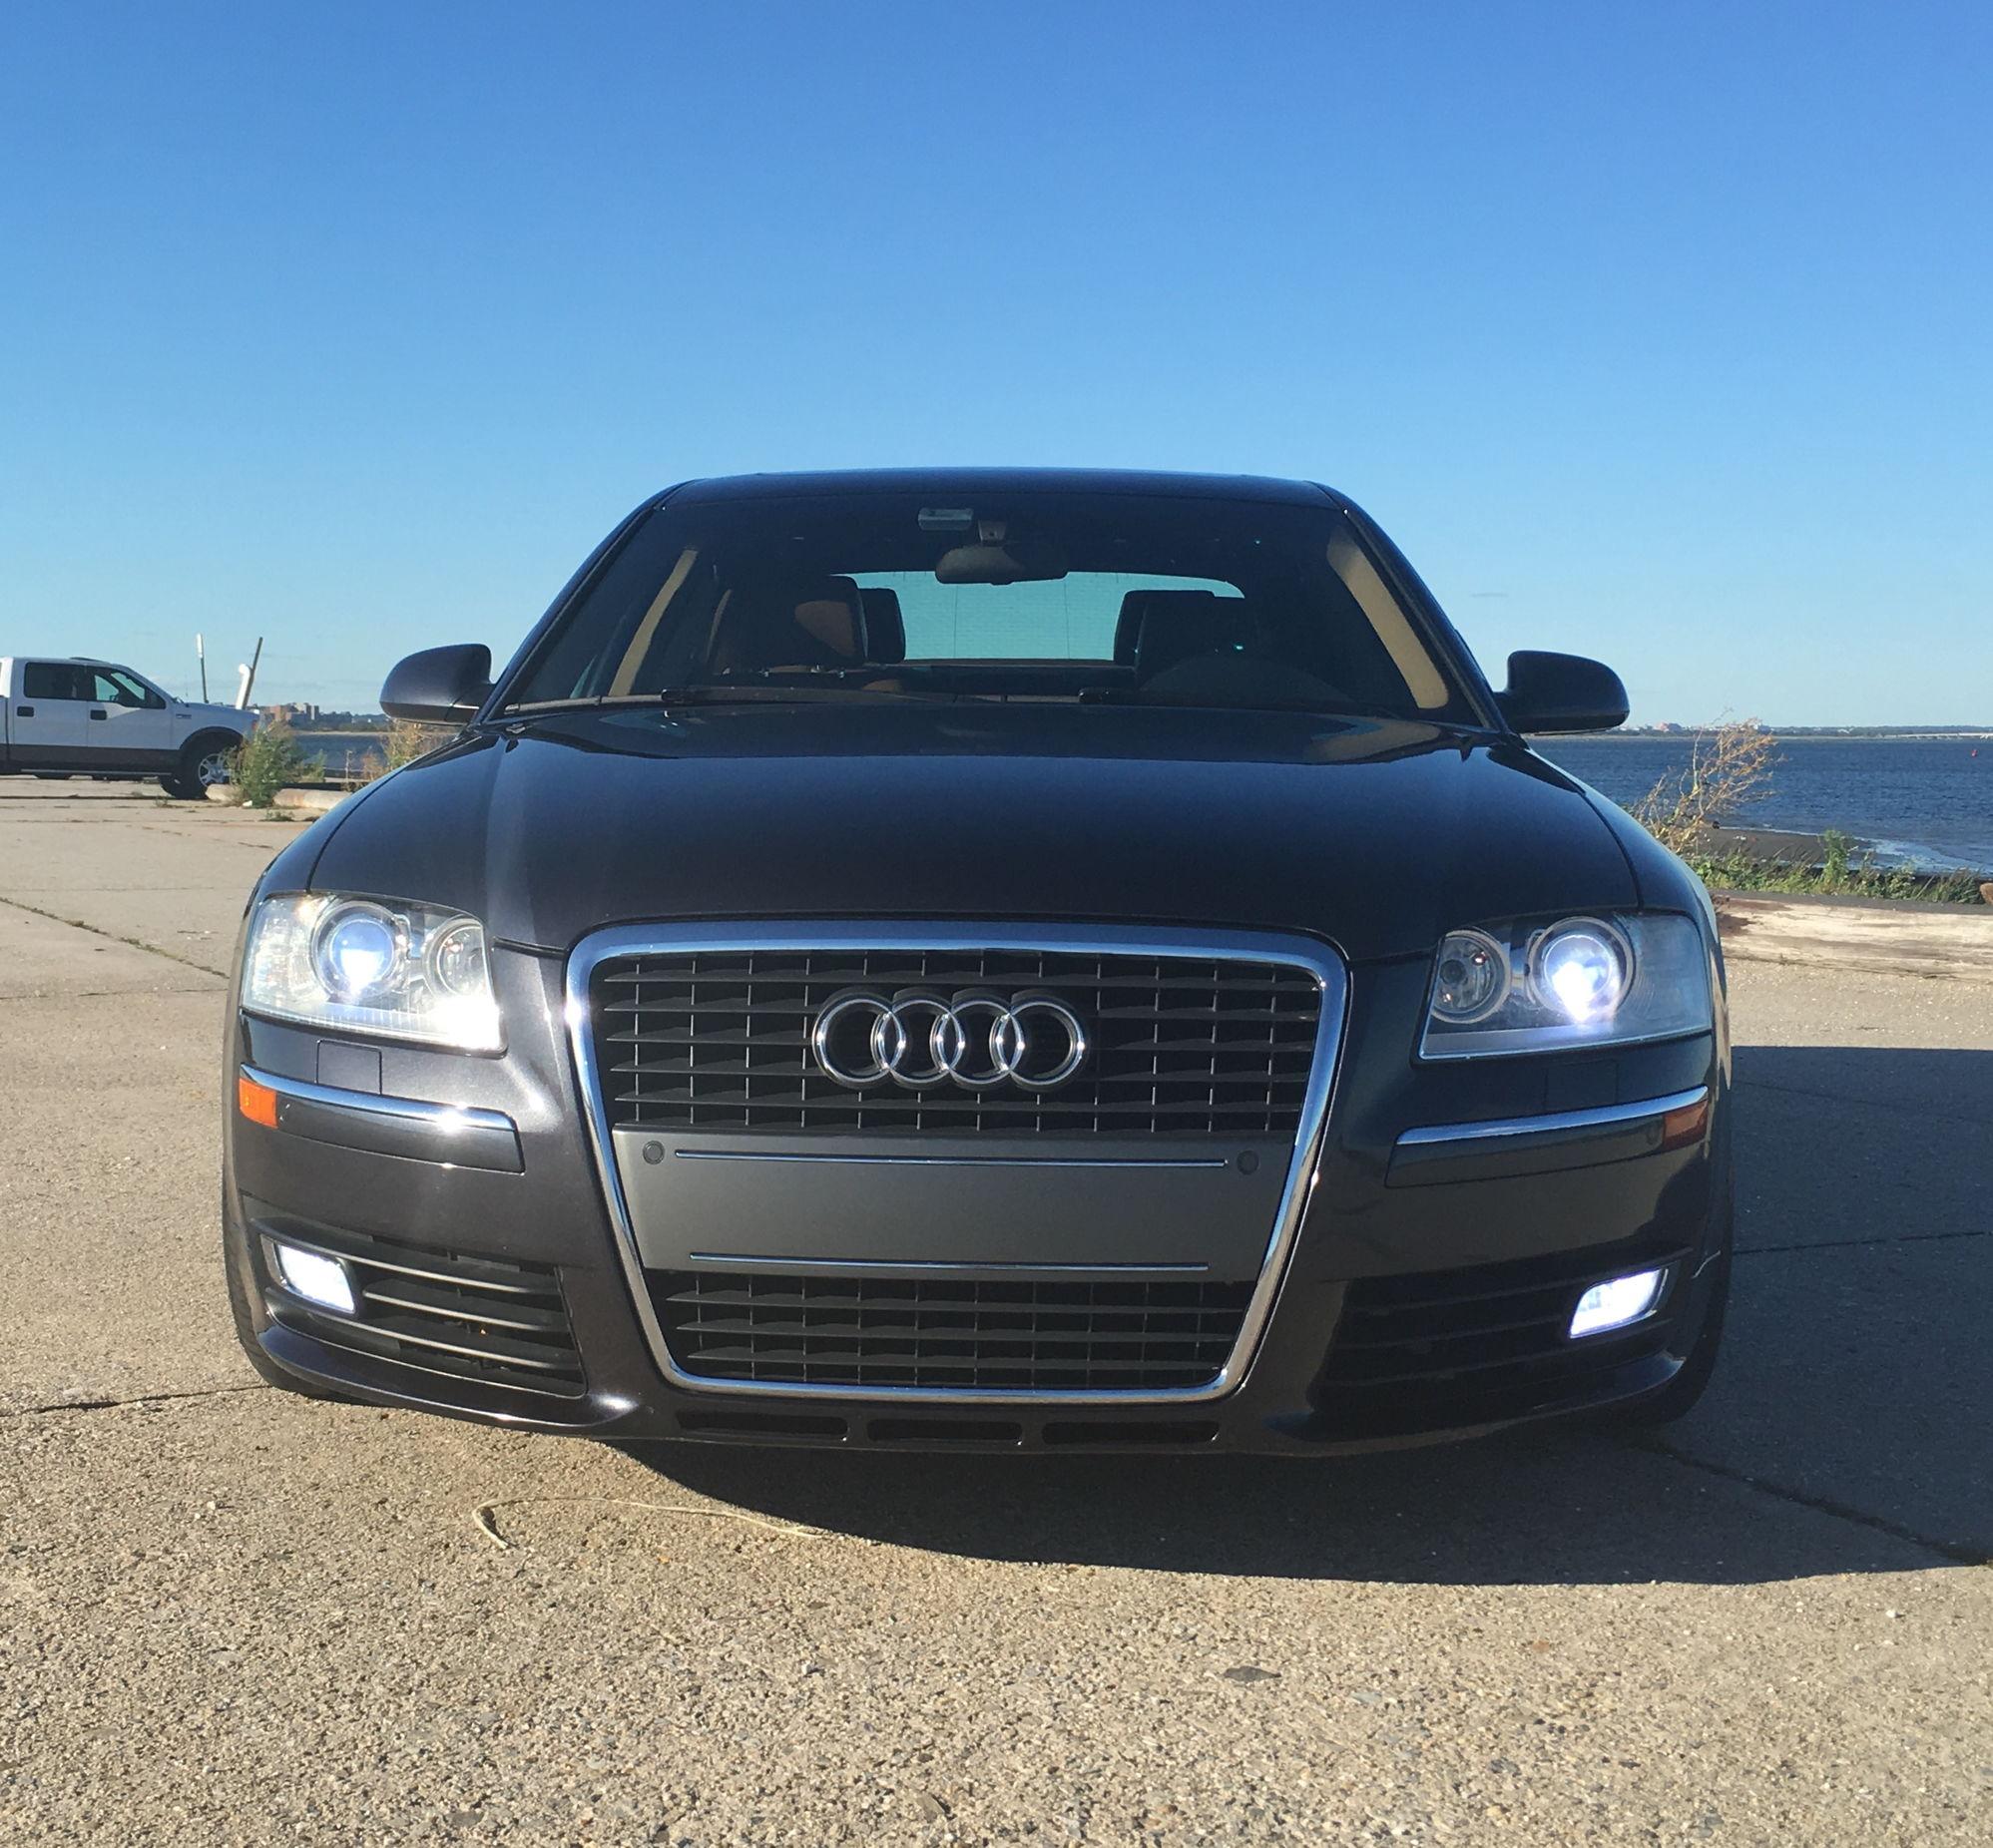 Audi A8 (MINOR MODDED) 2006 Audi A8L 95k Miles $15K